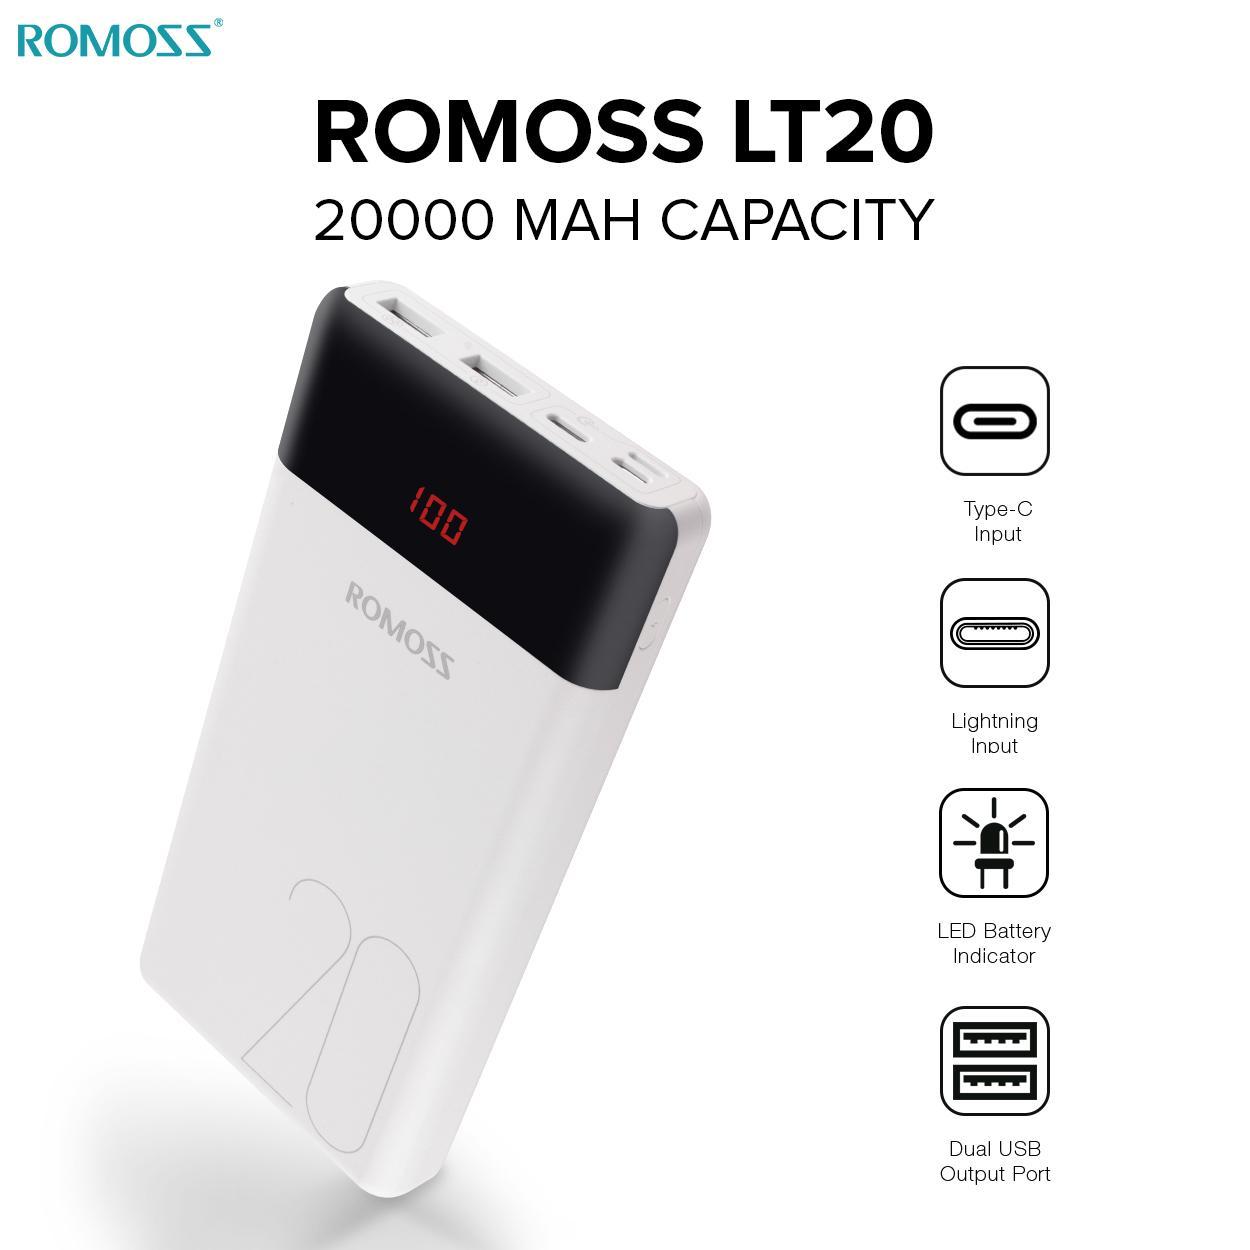 Romoss Philippines Price List Power Bank Battery Powerbank Wellcomm 10000mah Lt20 20000 Mah White